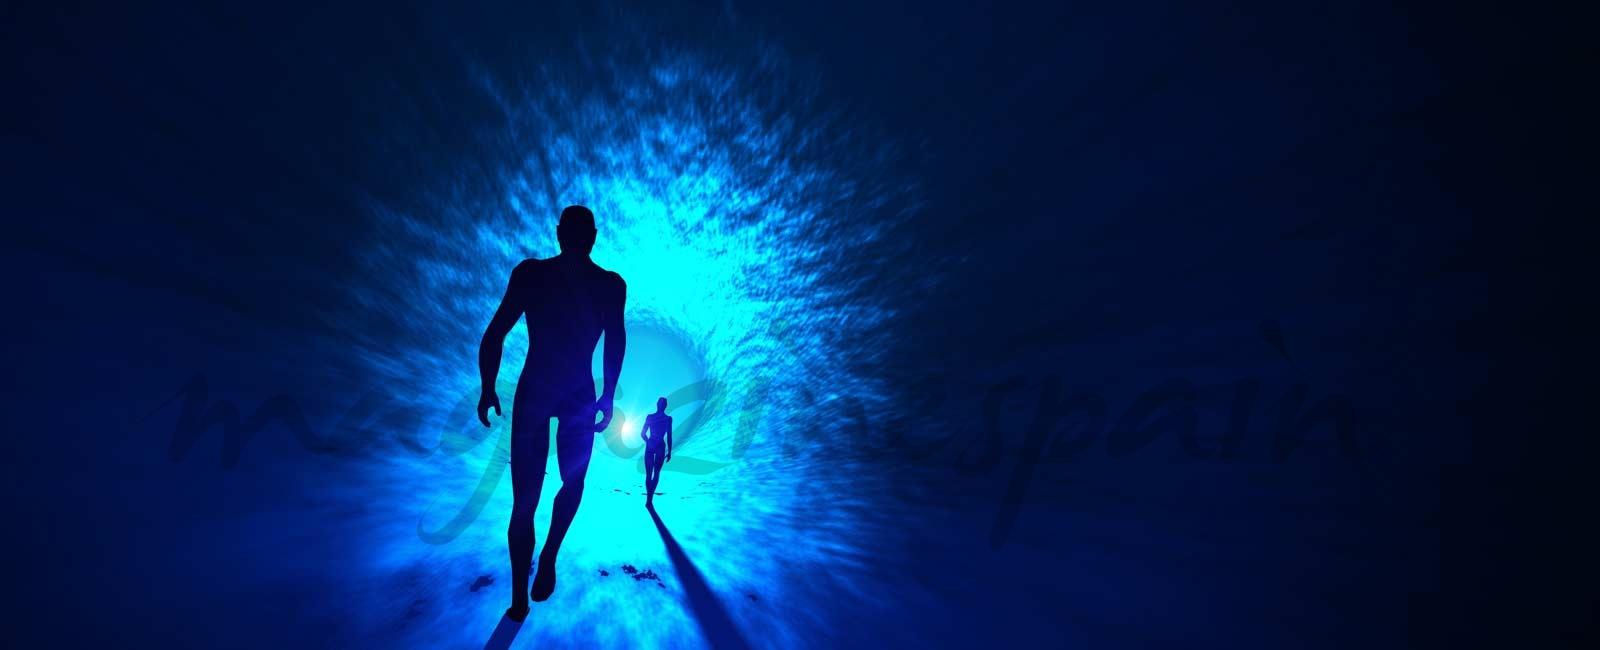 Curiosidad: ¿Quiénes son los que más temen a la muerte?